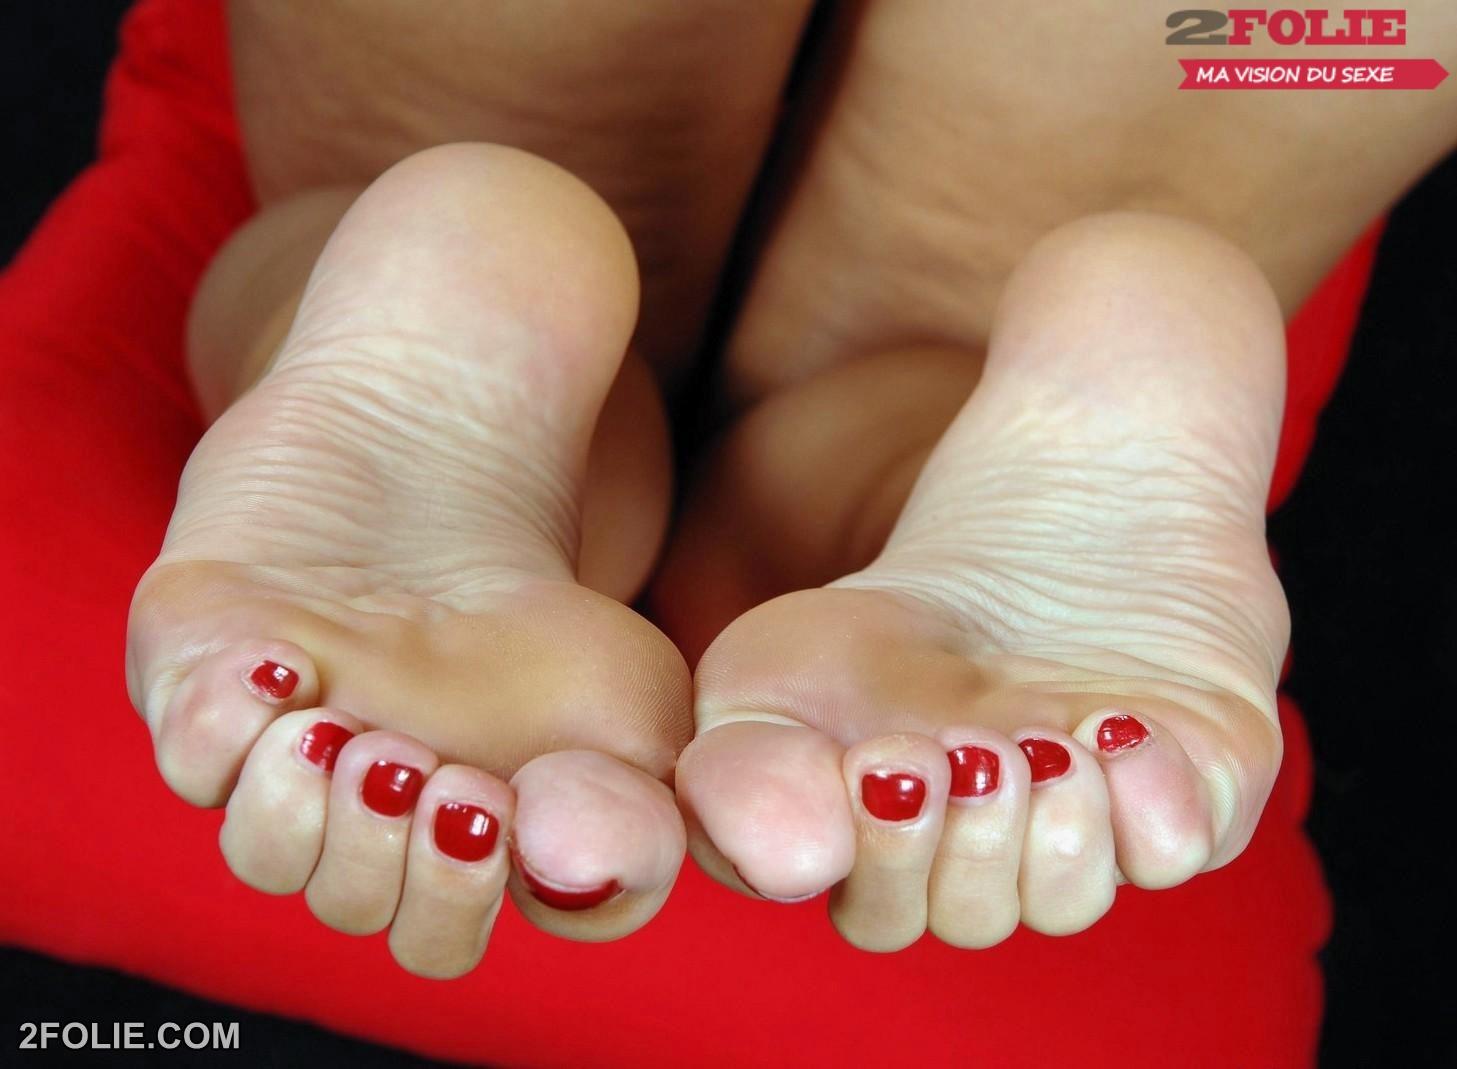 blague sexe pieds sexe